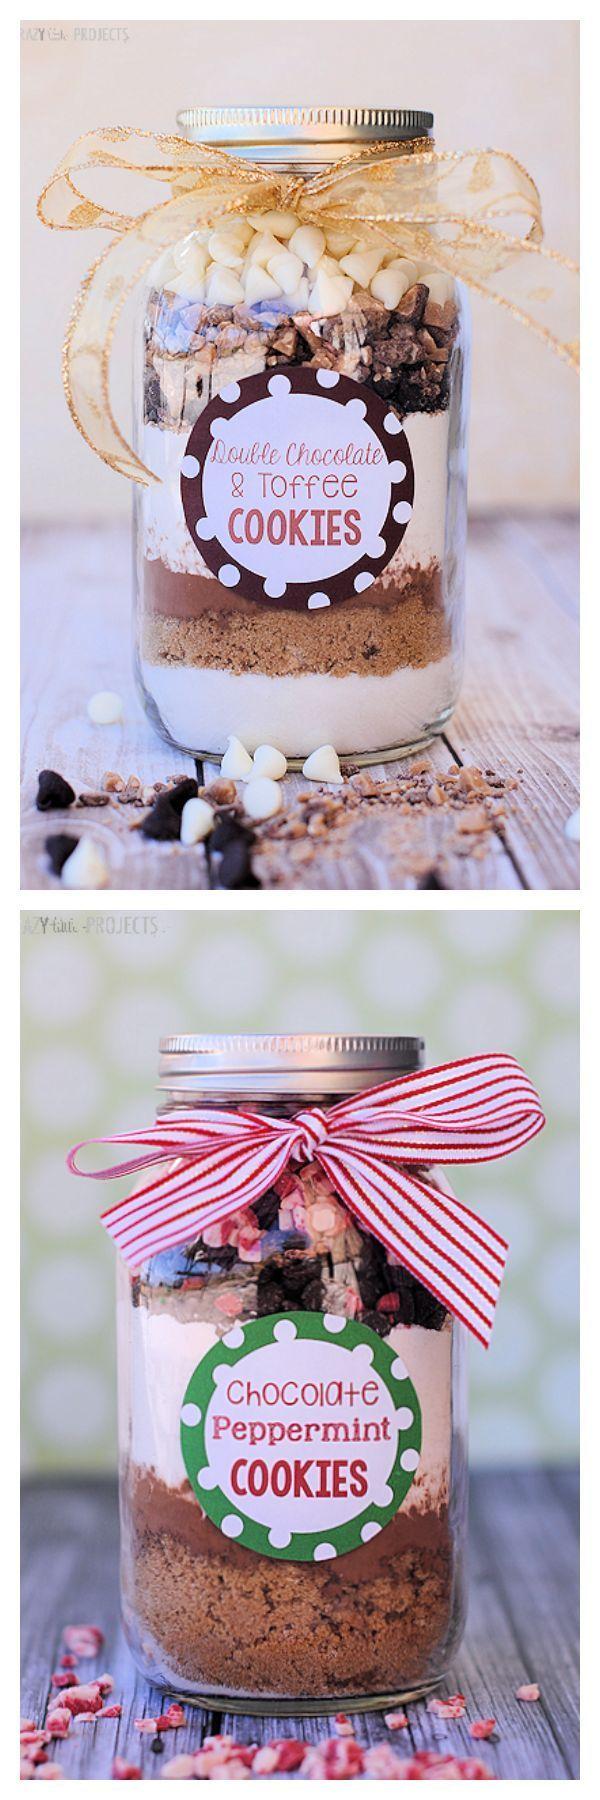 Diy Jar Labels 18 - Stupendous DIY Jar Labels Ideas